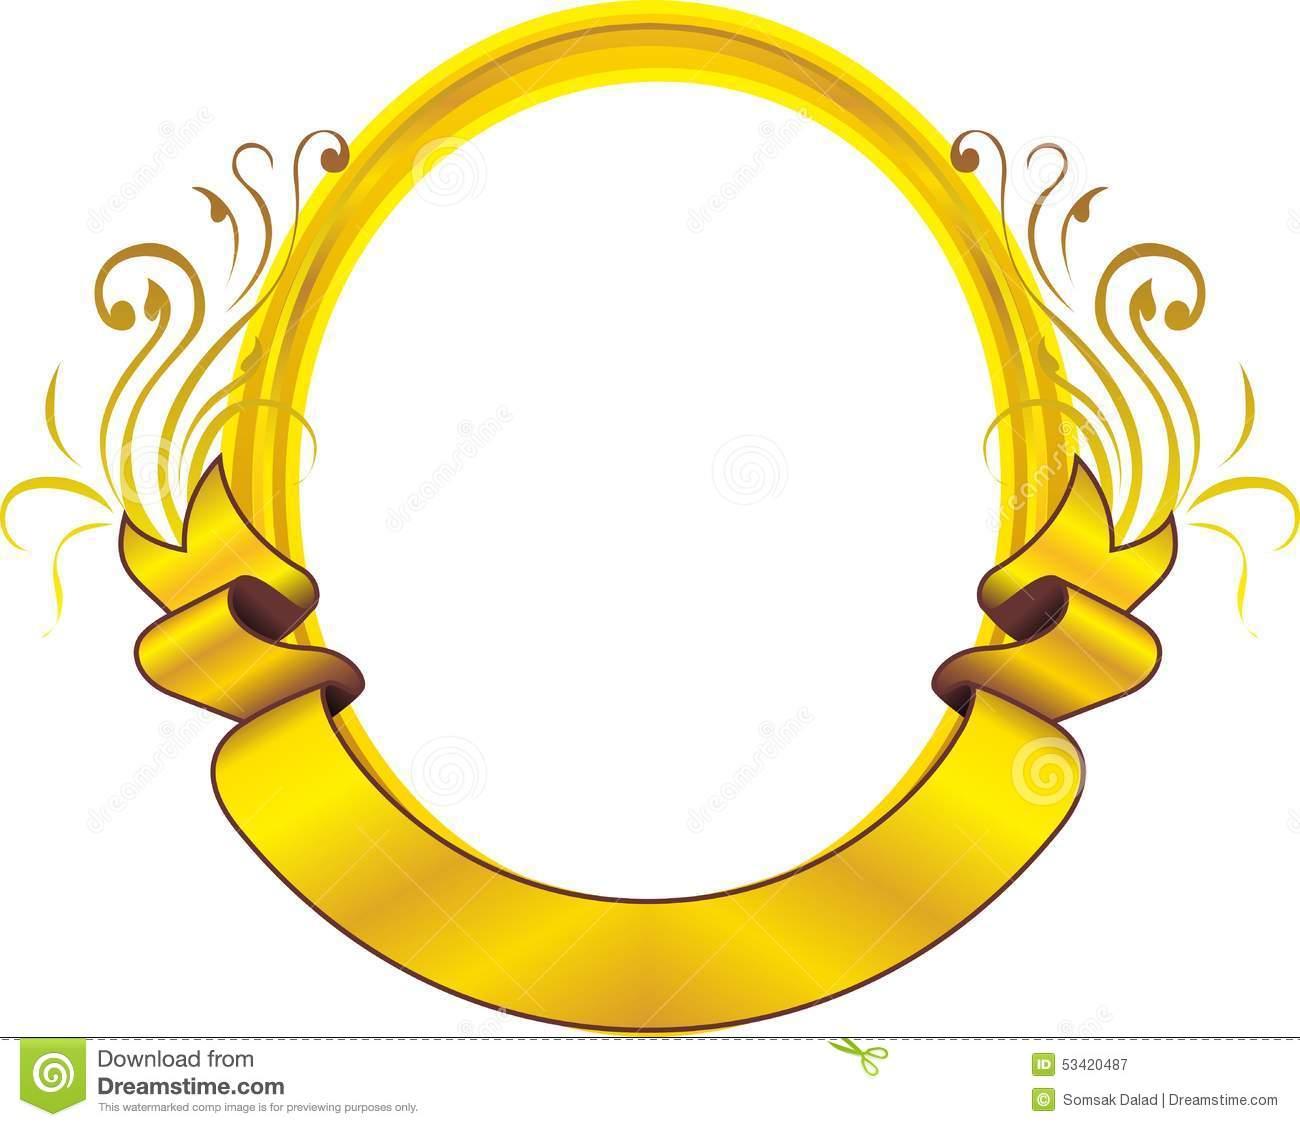 Goldden oval frame floral stock vector. Illustration of.